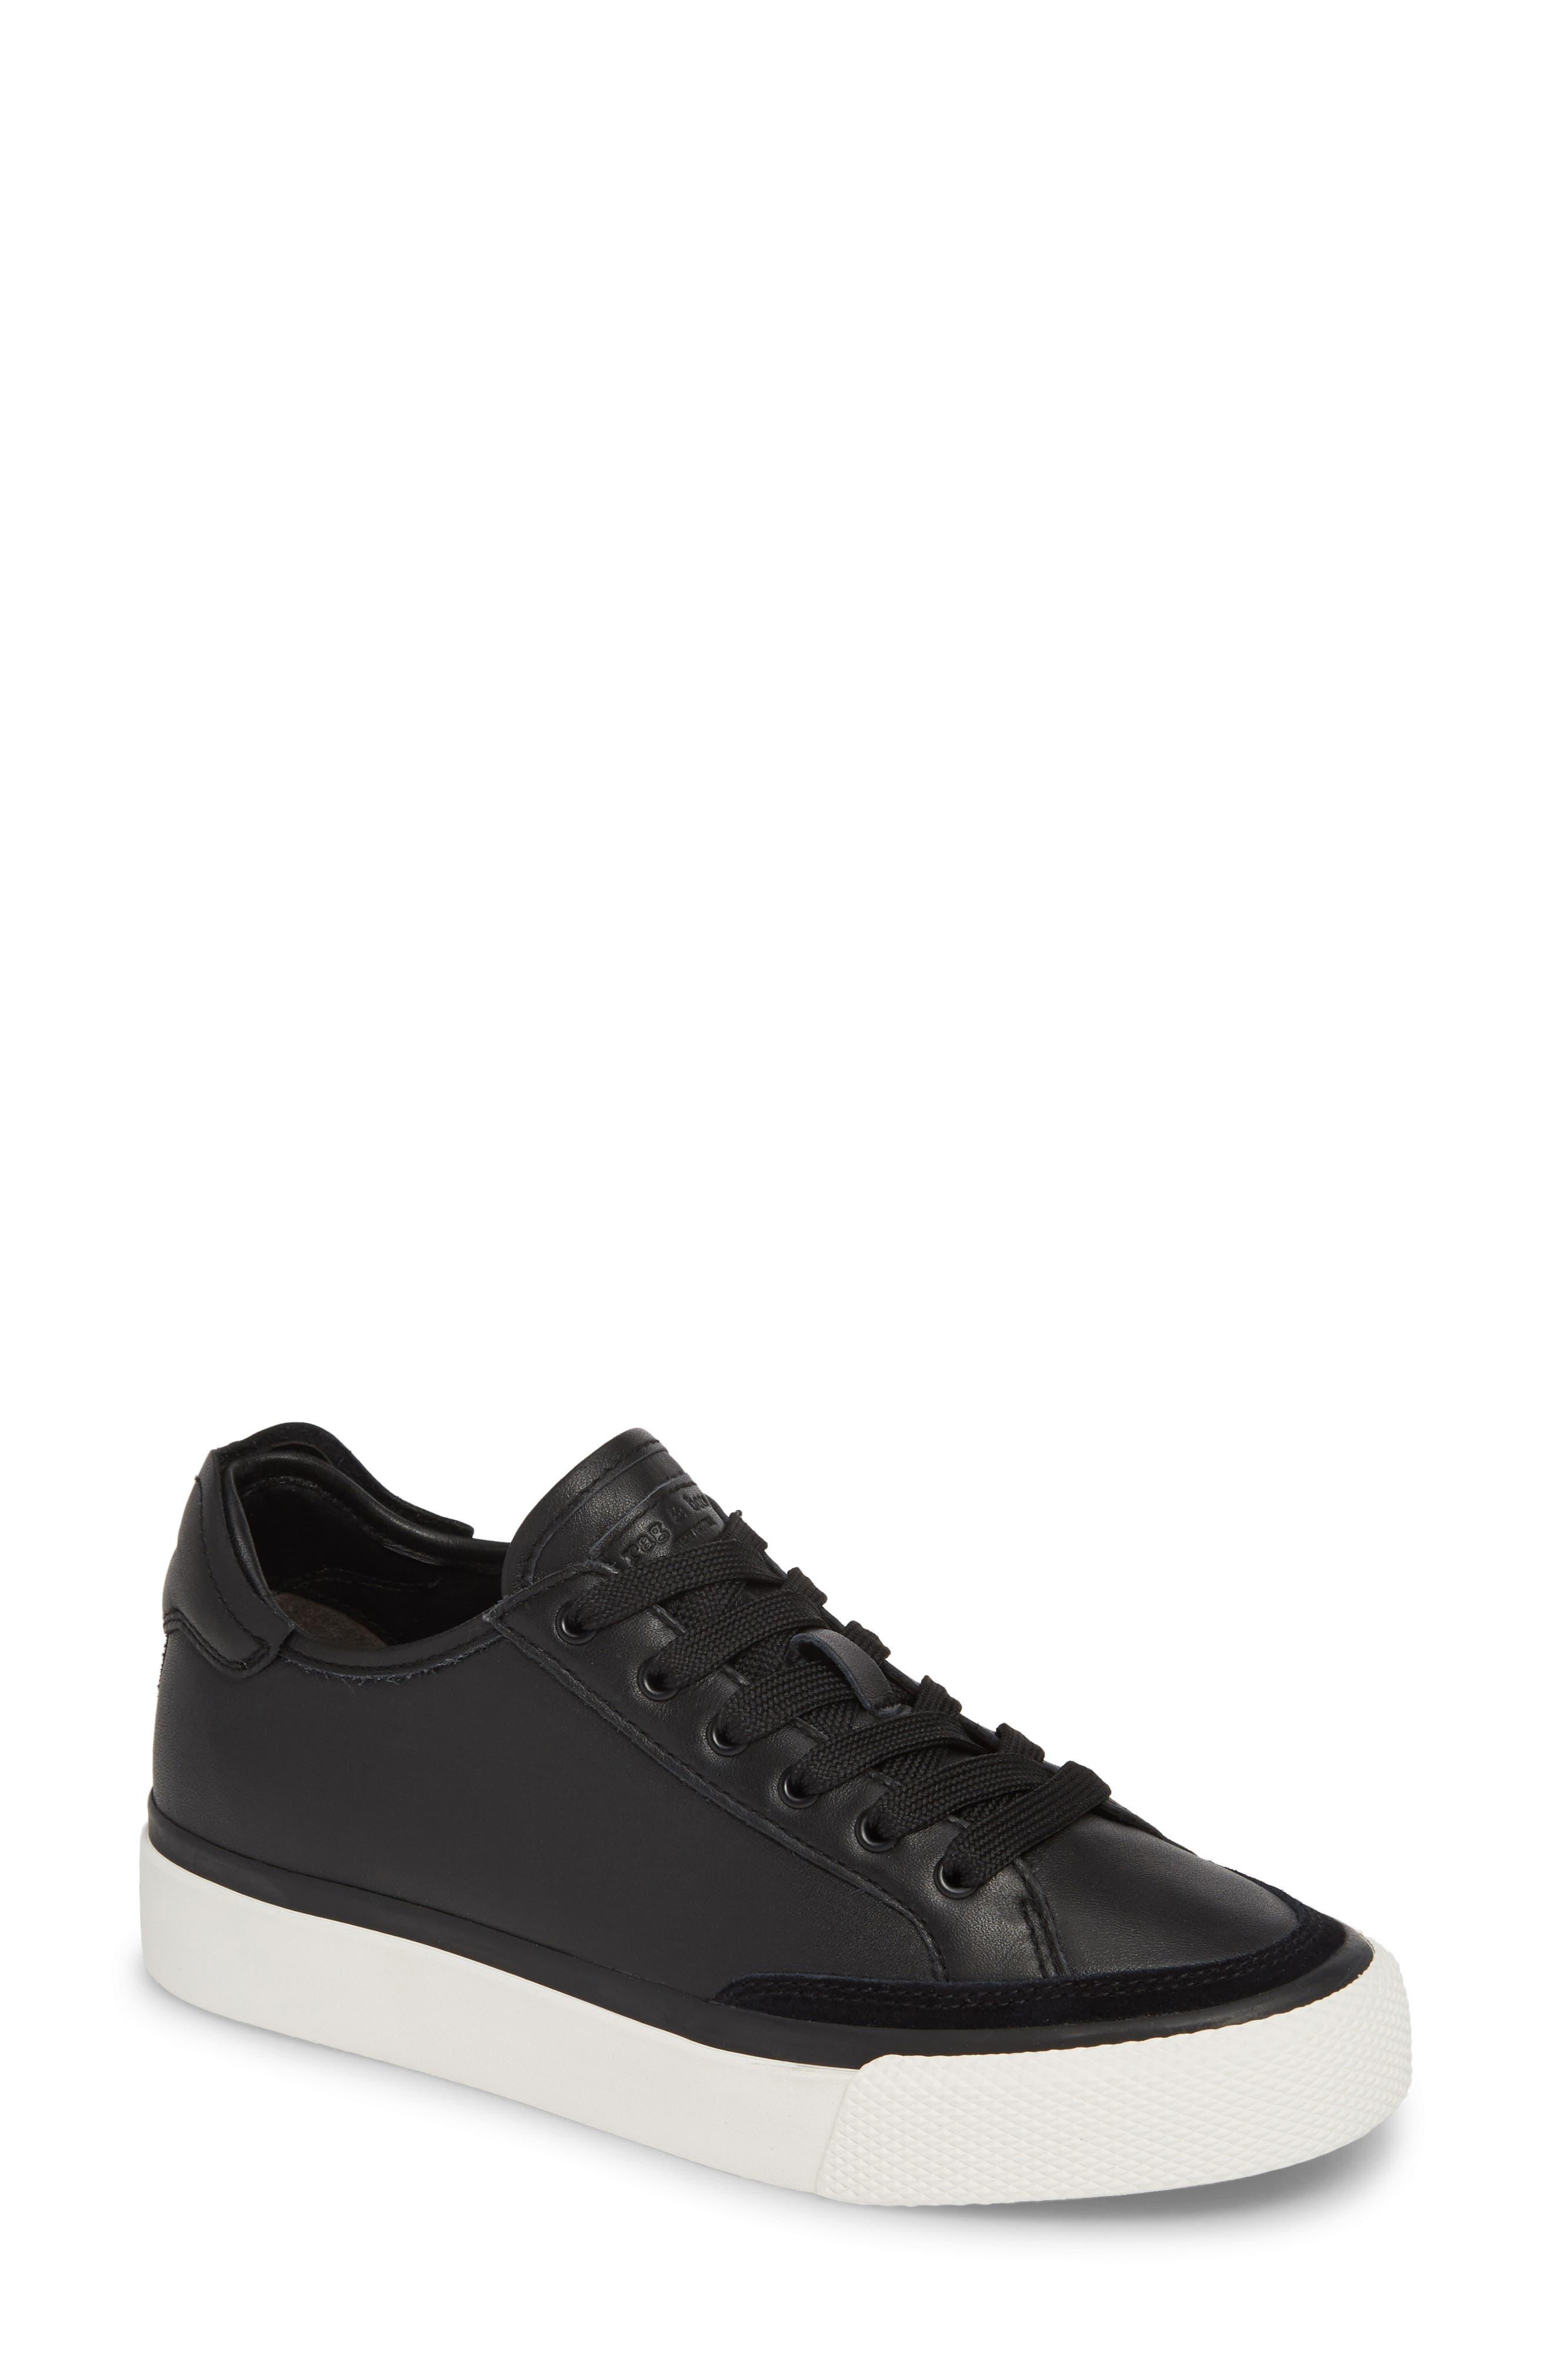 Rag & Bone Army Low Top Sneaker - Black